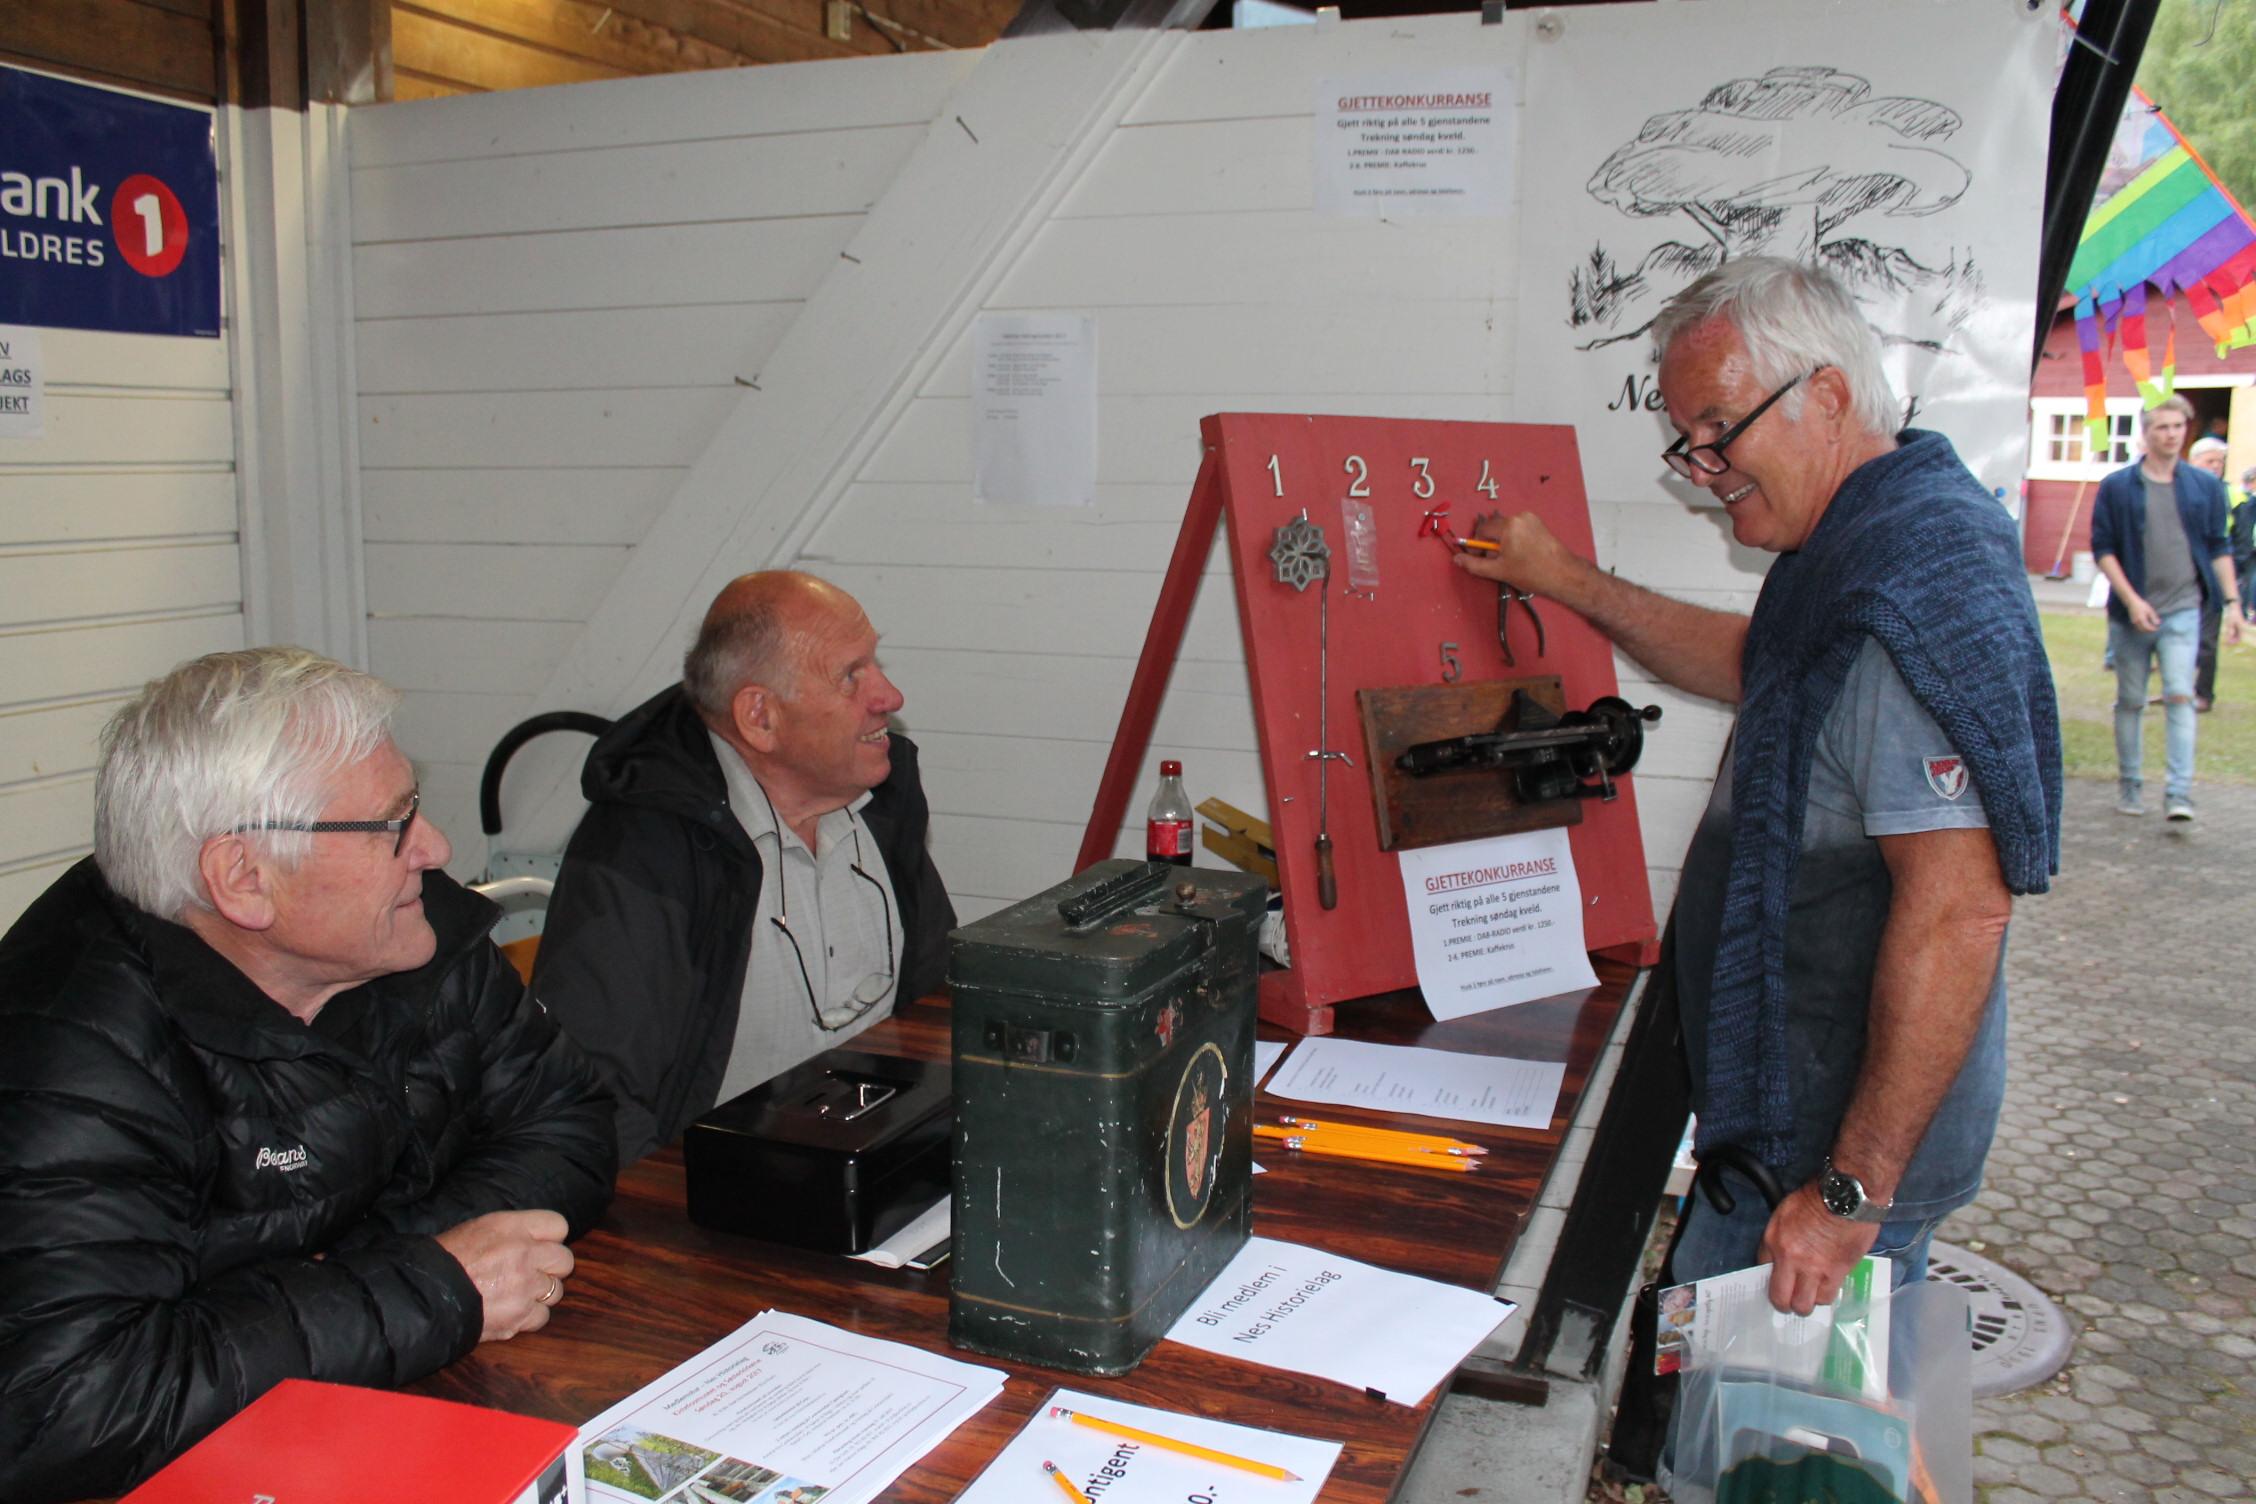 Fv: Ole Solli og Elling buøen i samtale med Ingvar Daae